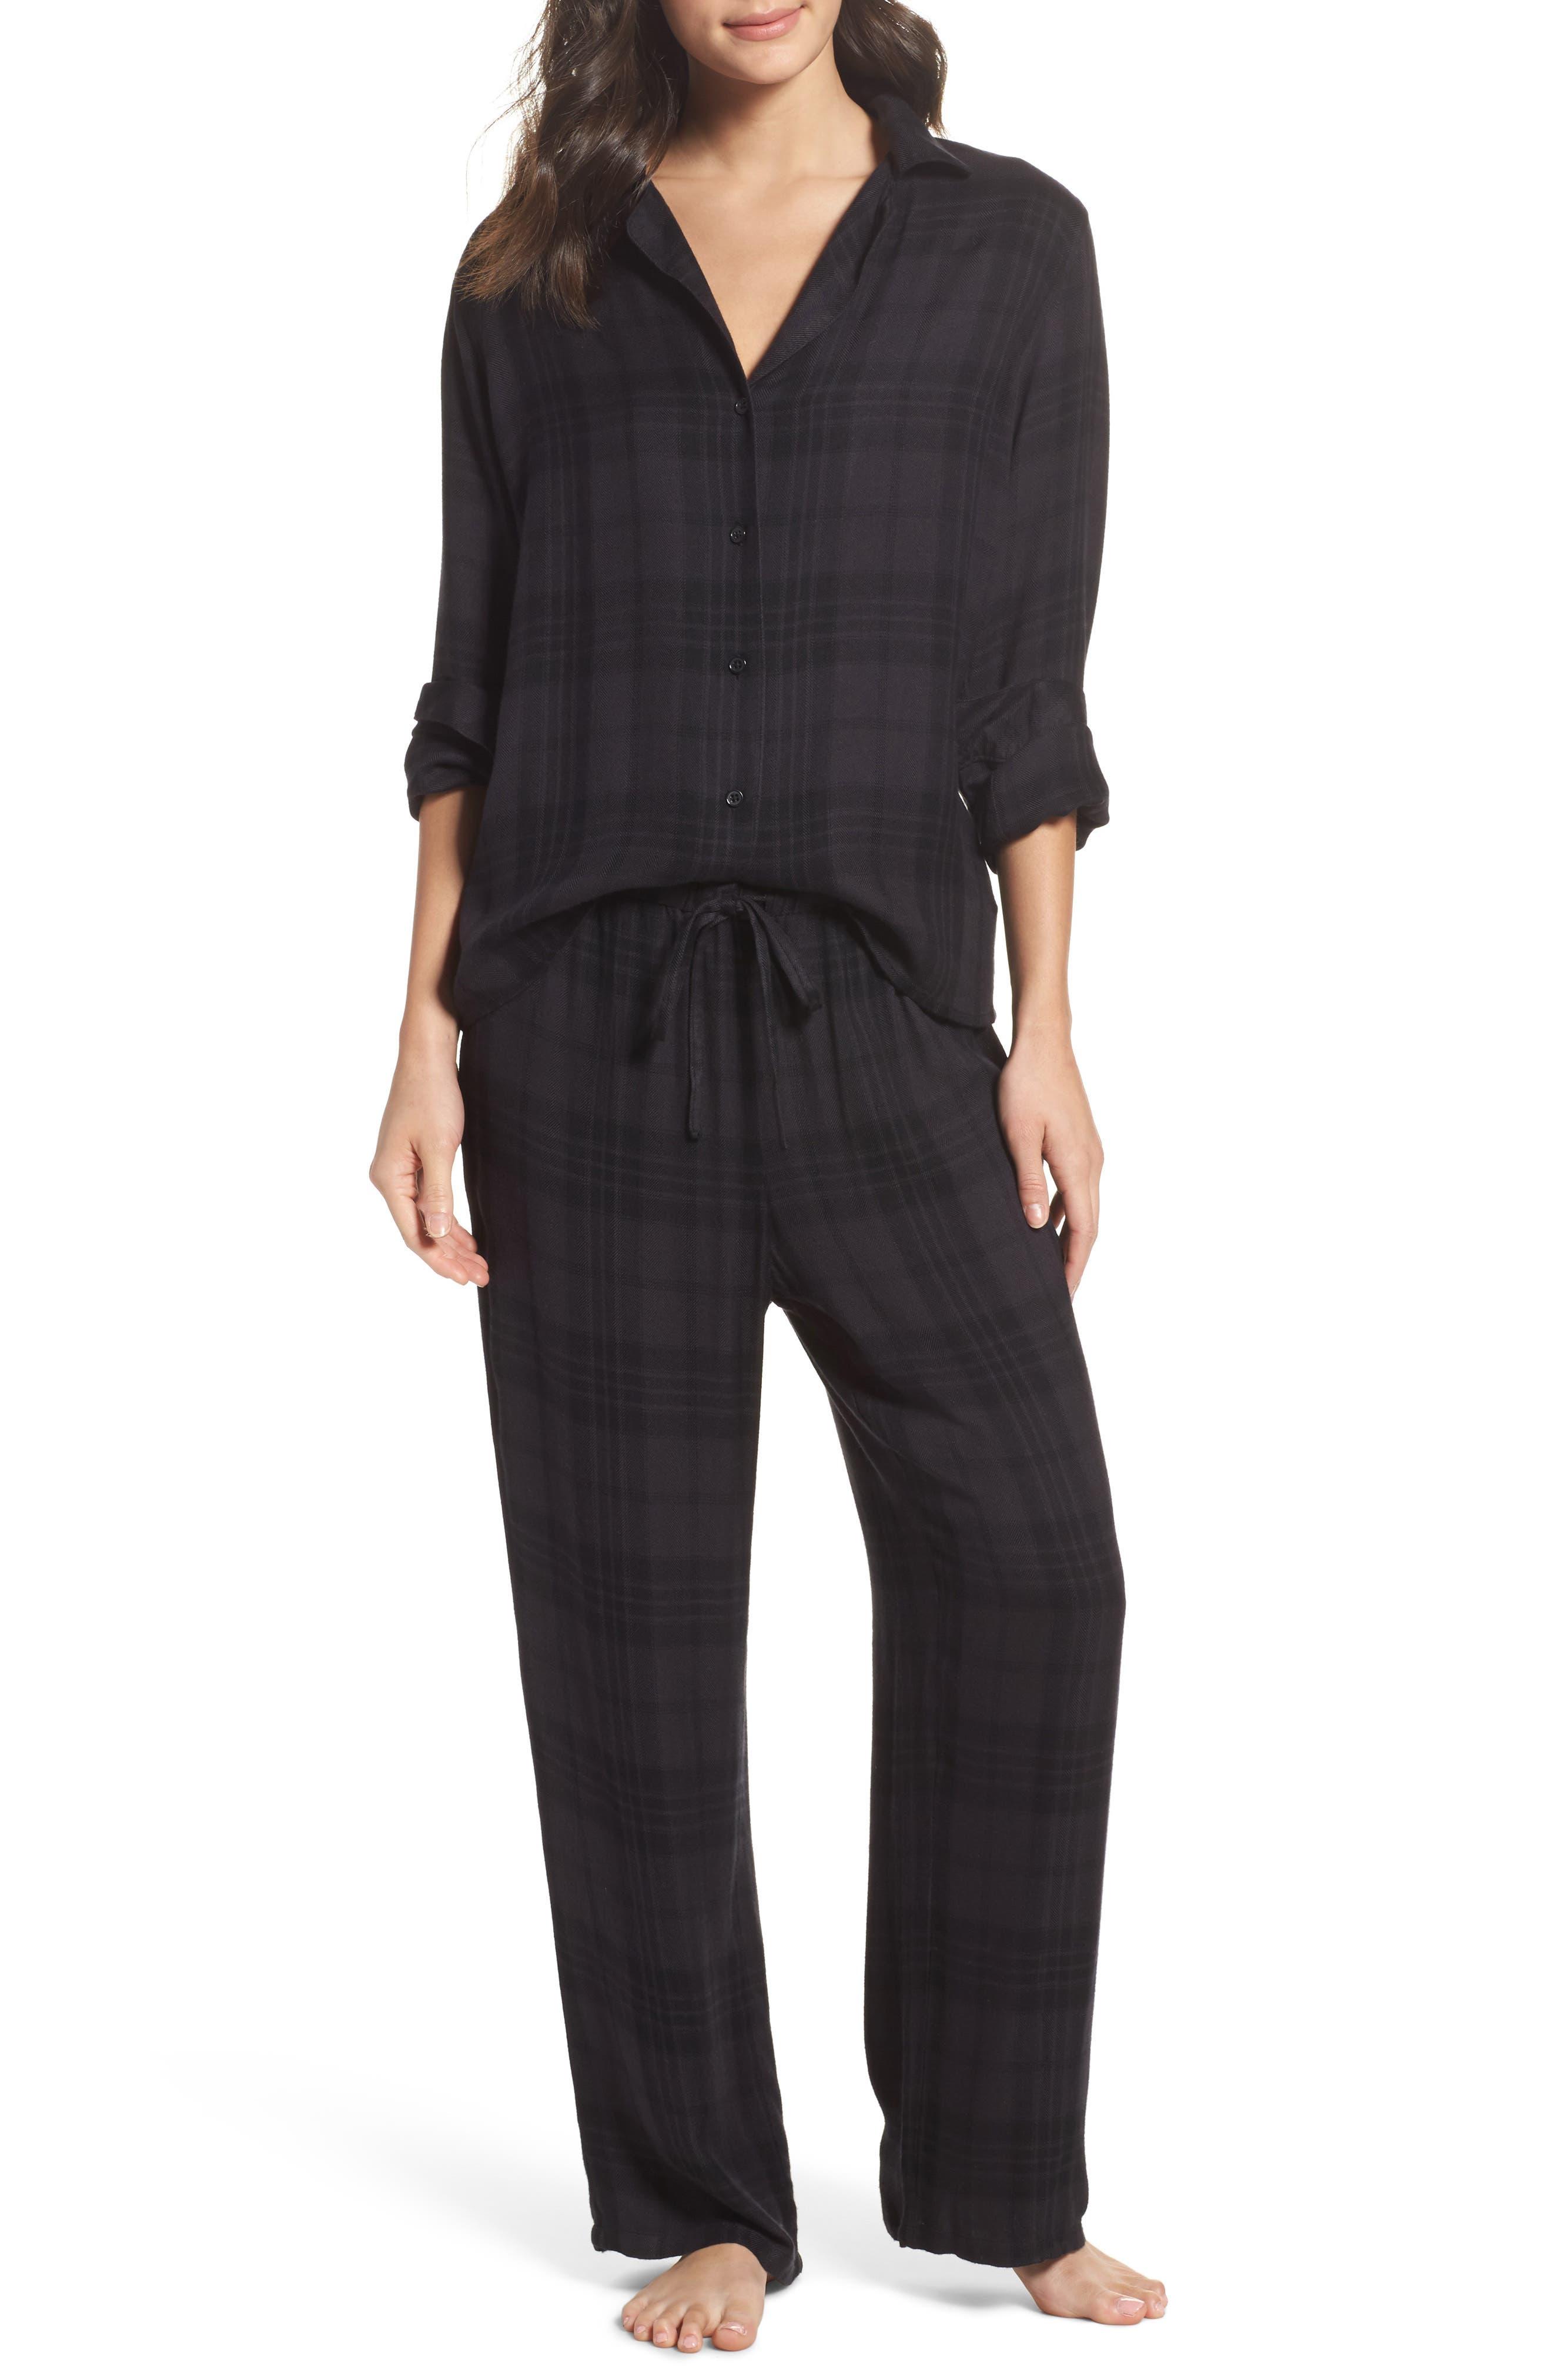 Plaid Pajamas,                         Main,                         color, Onyx/ Jet